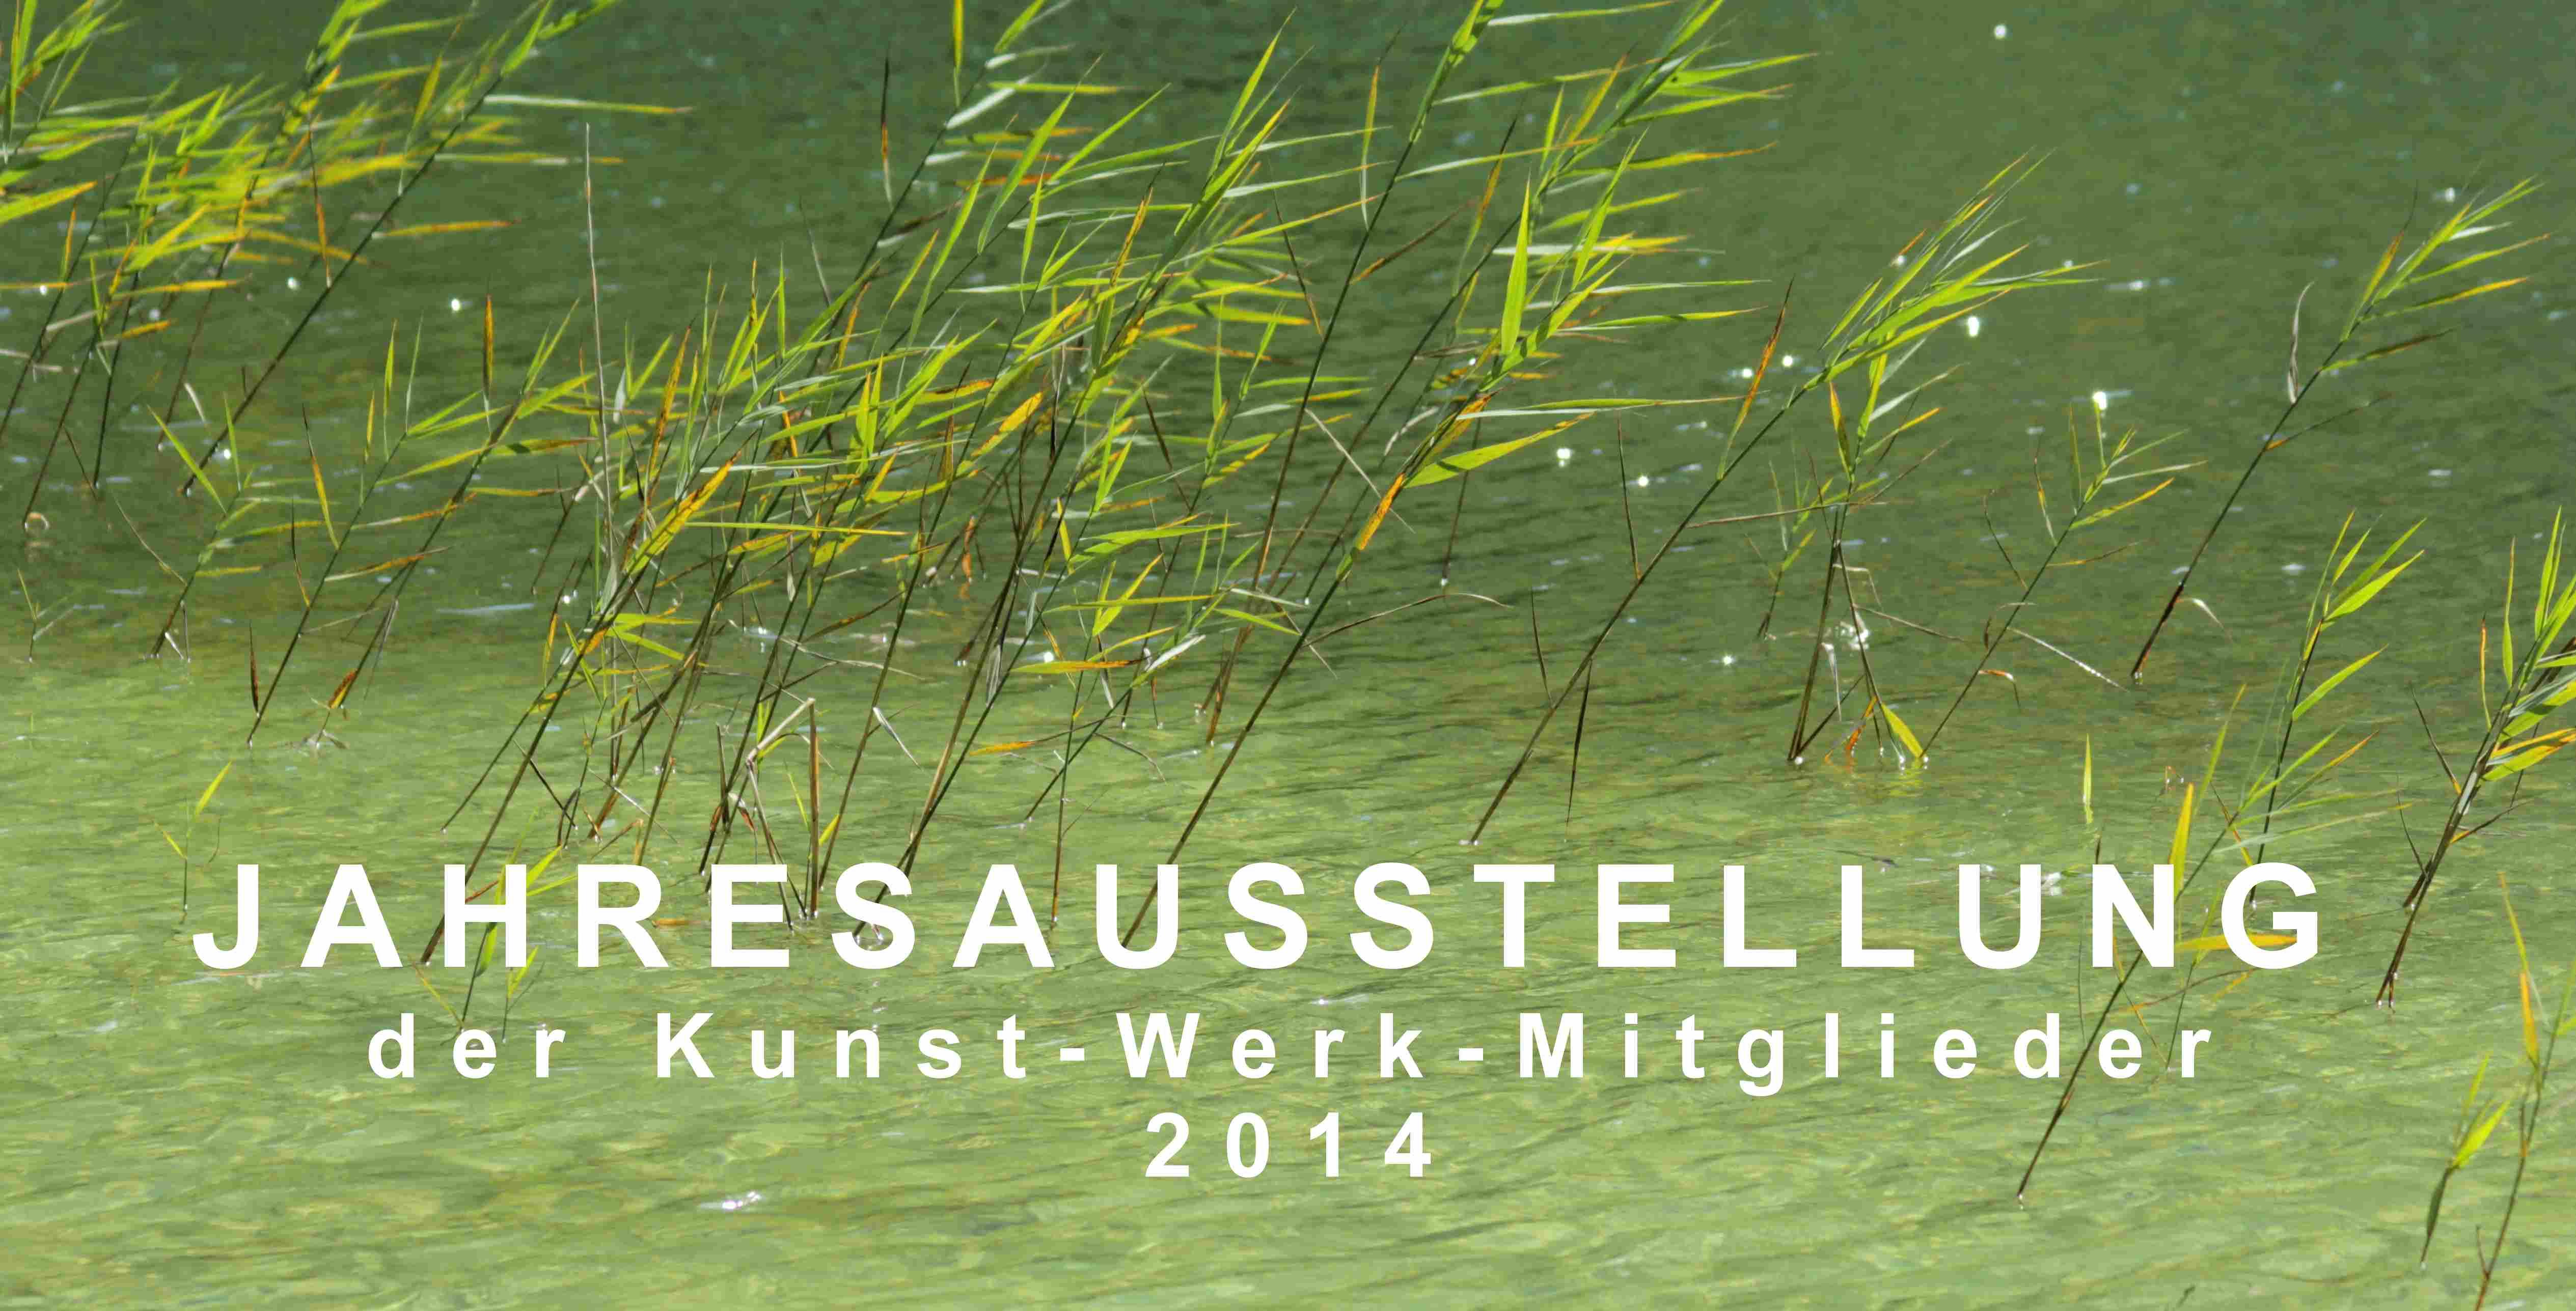 Jahresausstellung 2014